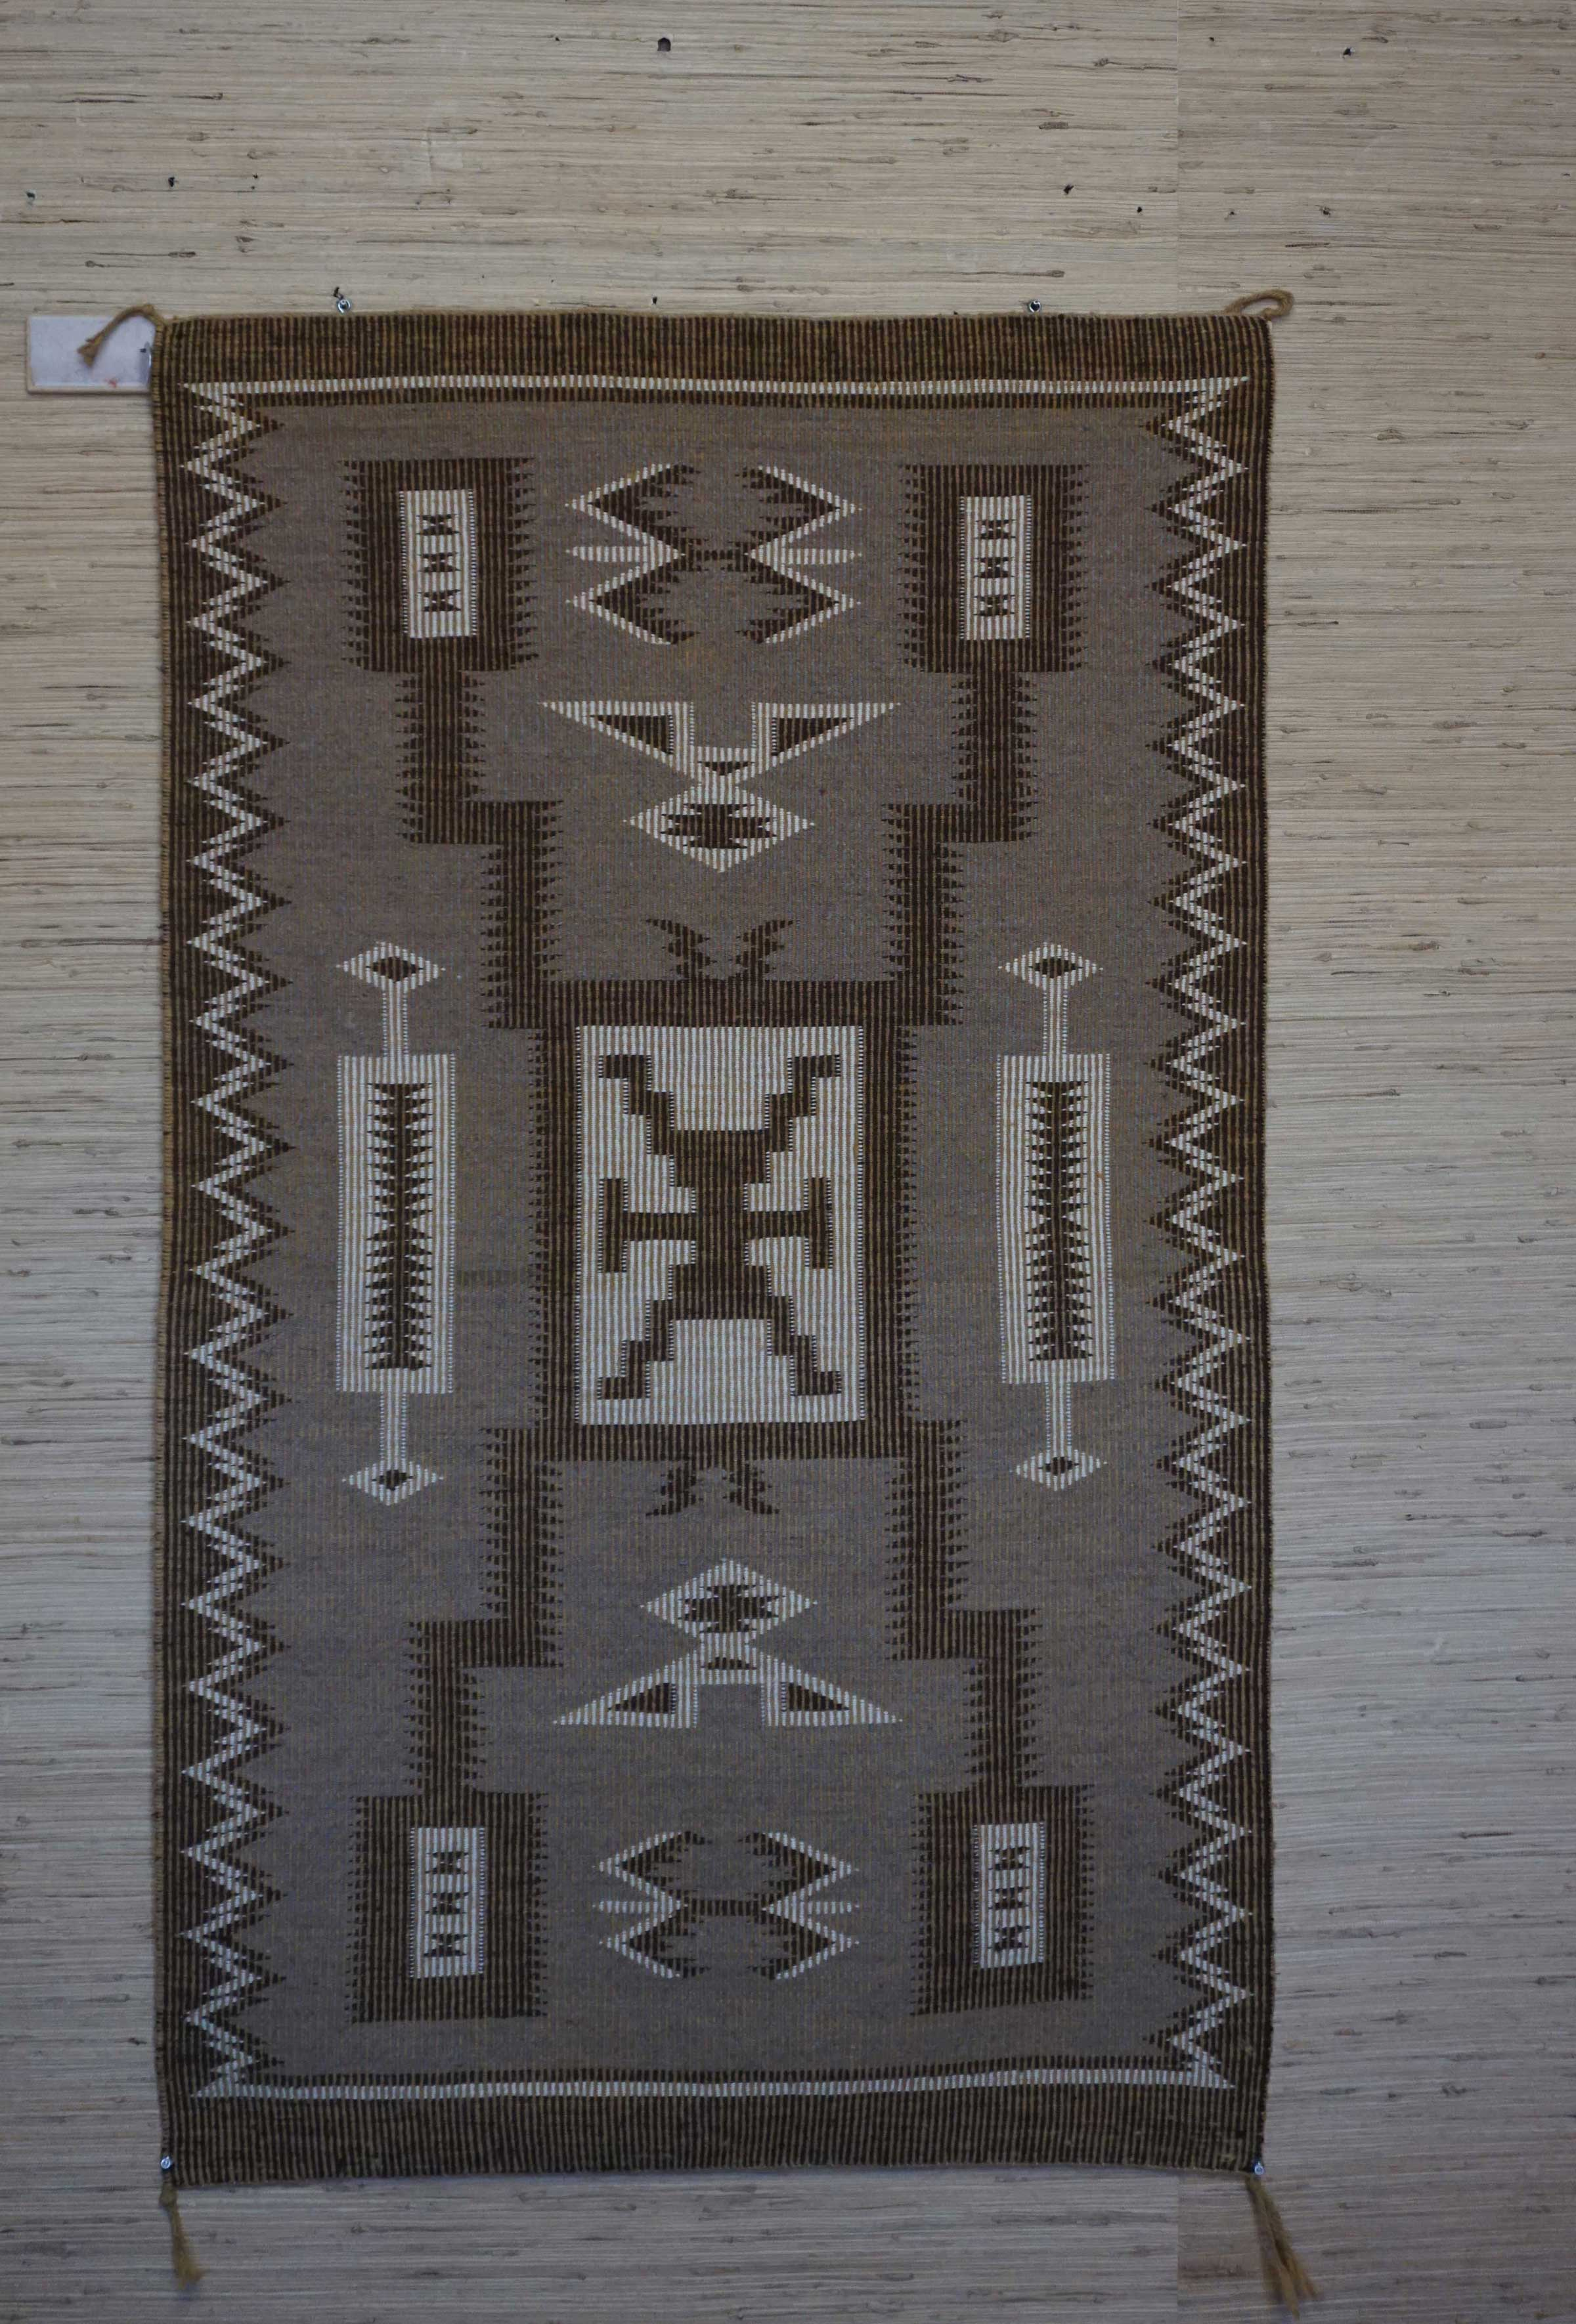 Raised Outline Storm Pattern Navajo Rug Weaving 965